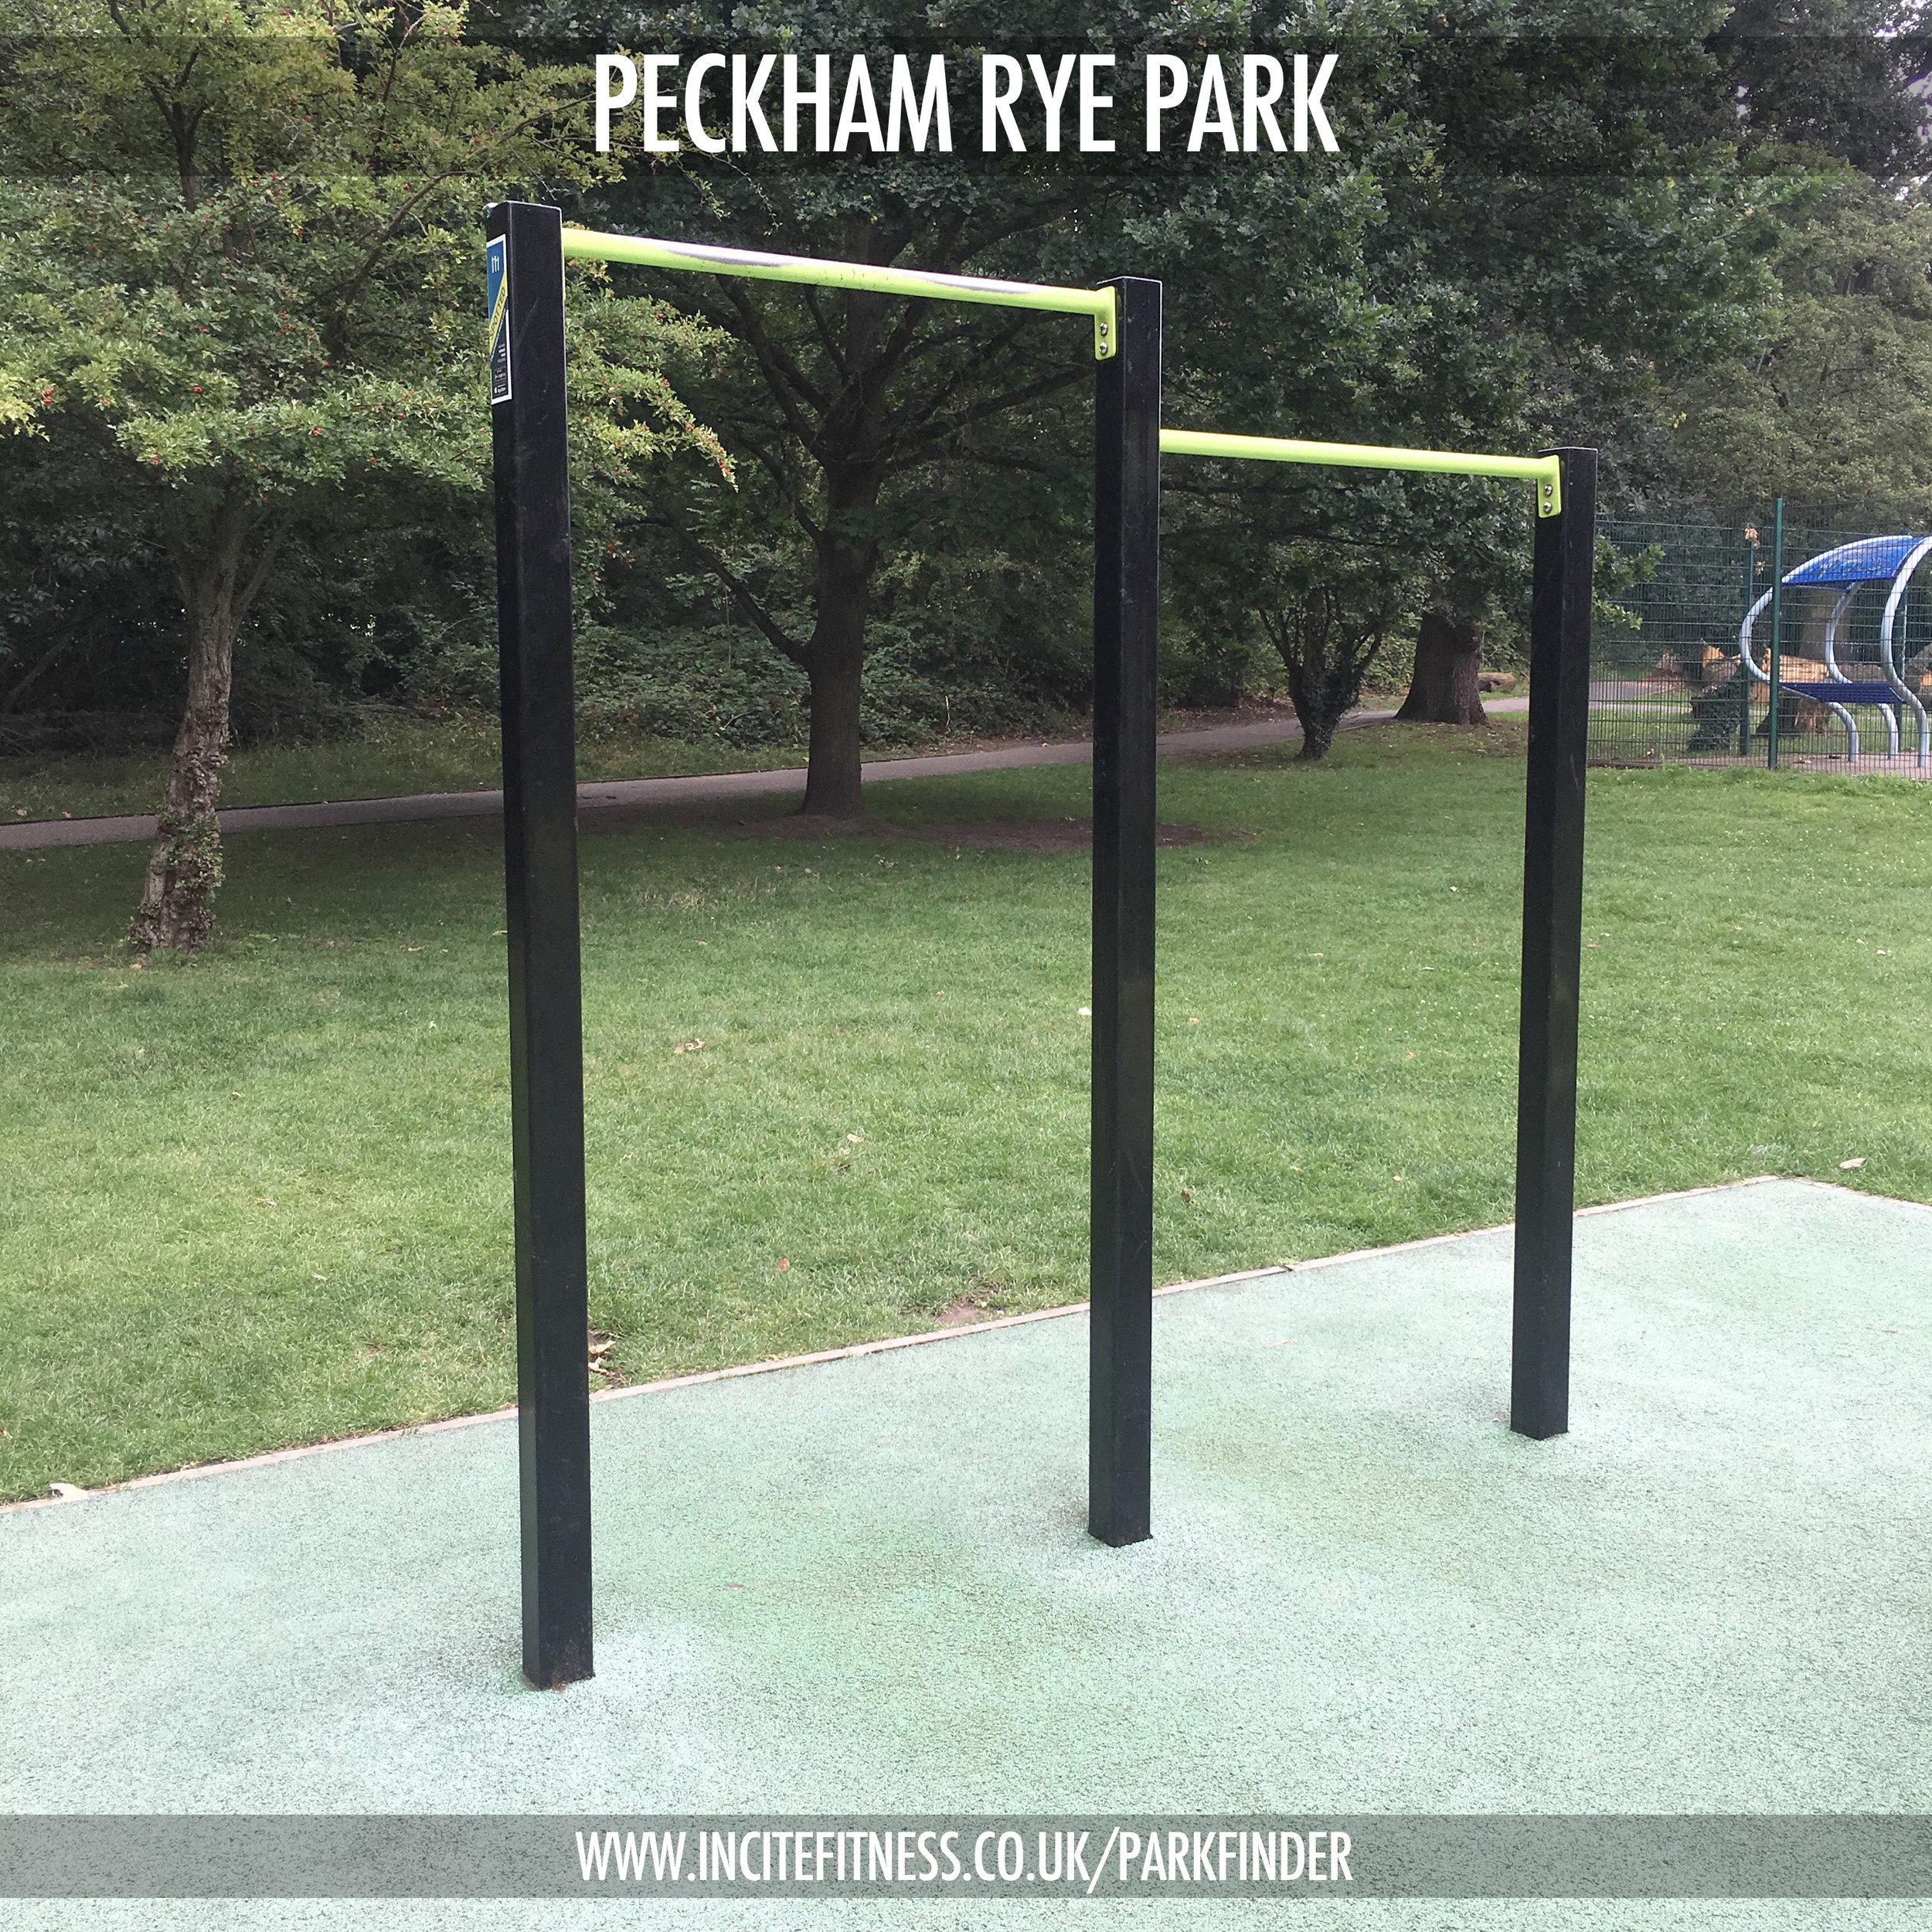 Peckham Rye park 02 pull up bars.jpg